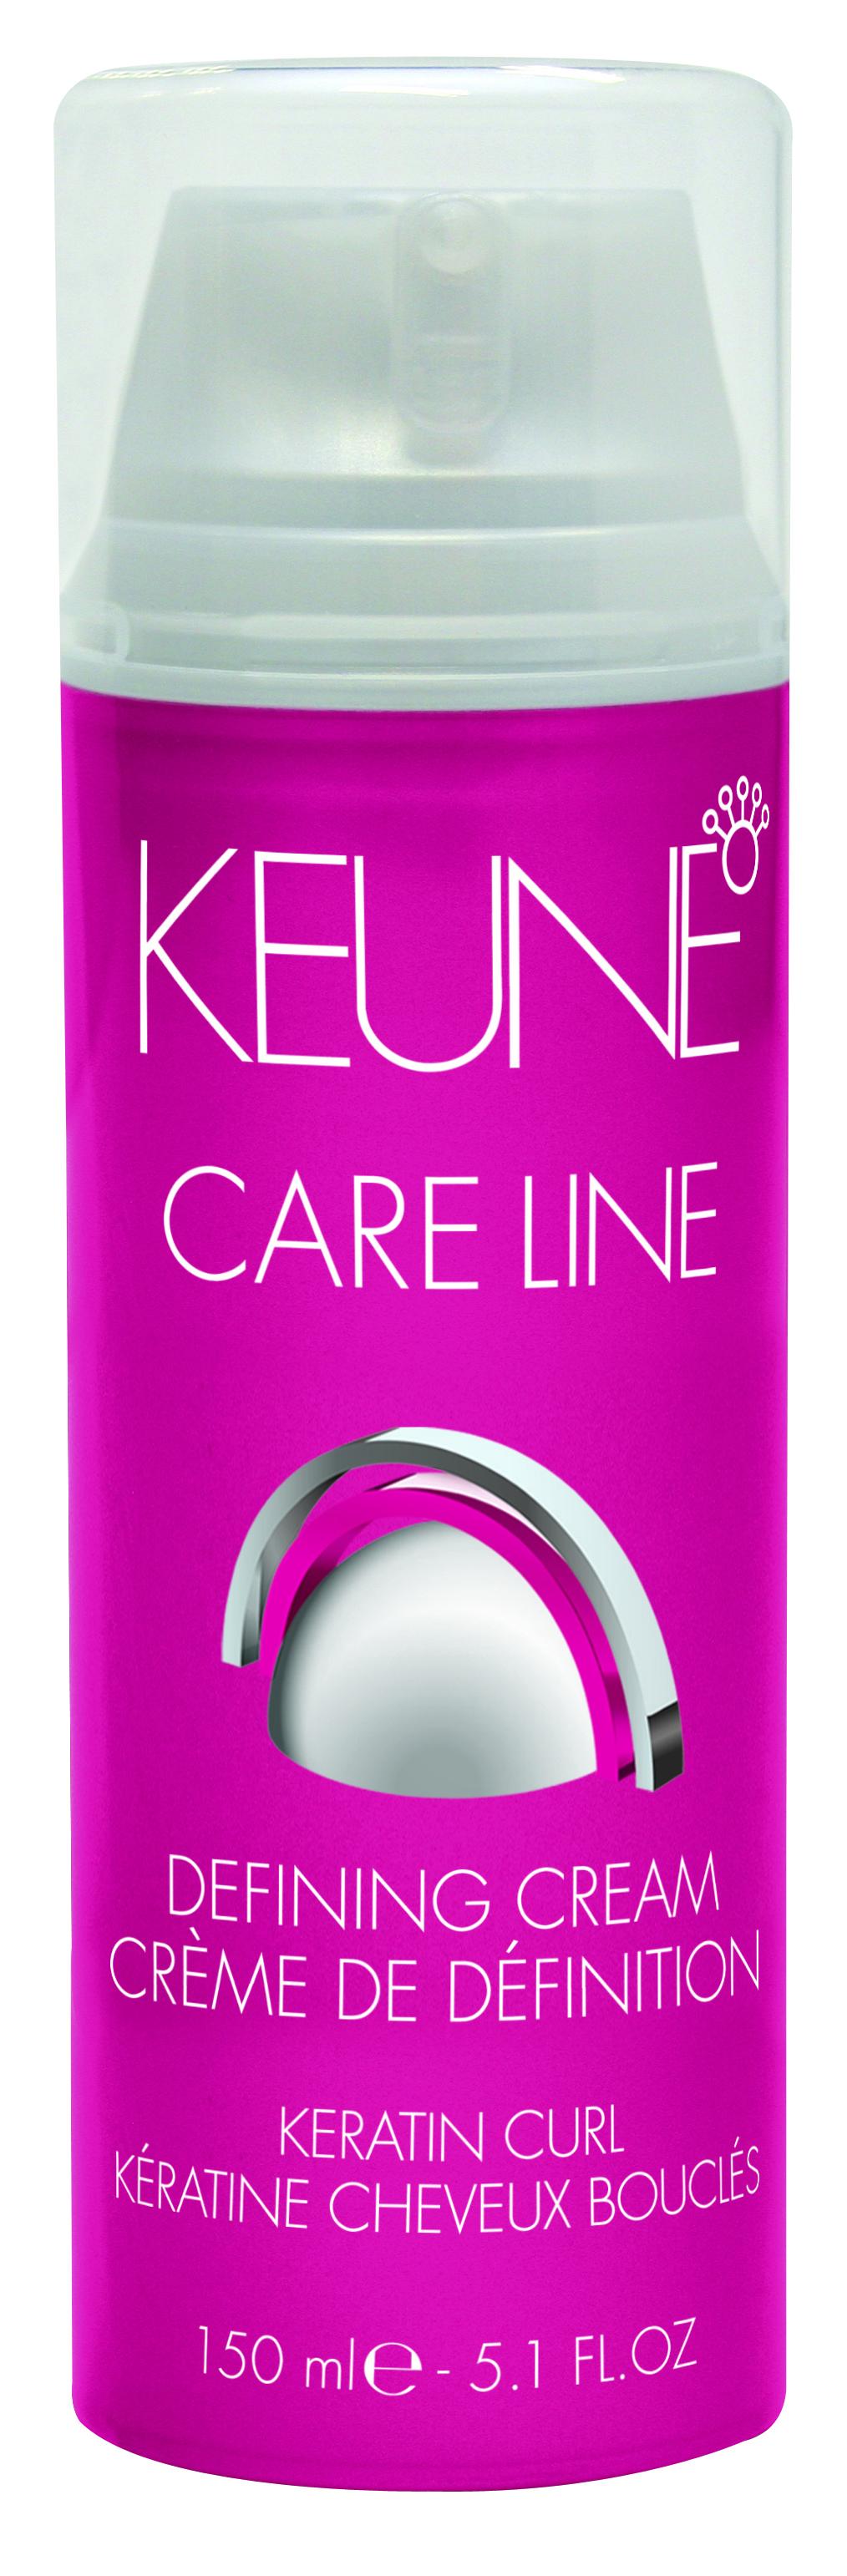 KEUNE Крем Кэе Лайн Кератиновый локон / CL KERATIN CURL DEFINING CREAM 150 мл keune крем выпрямляющий straight cream 200мл